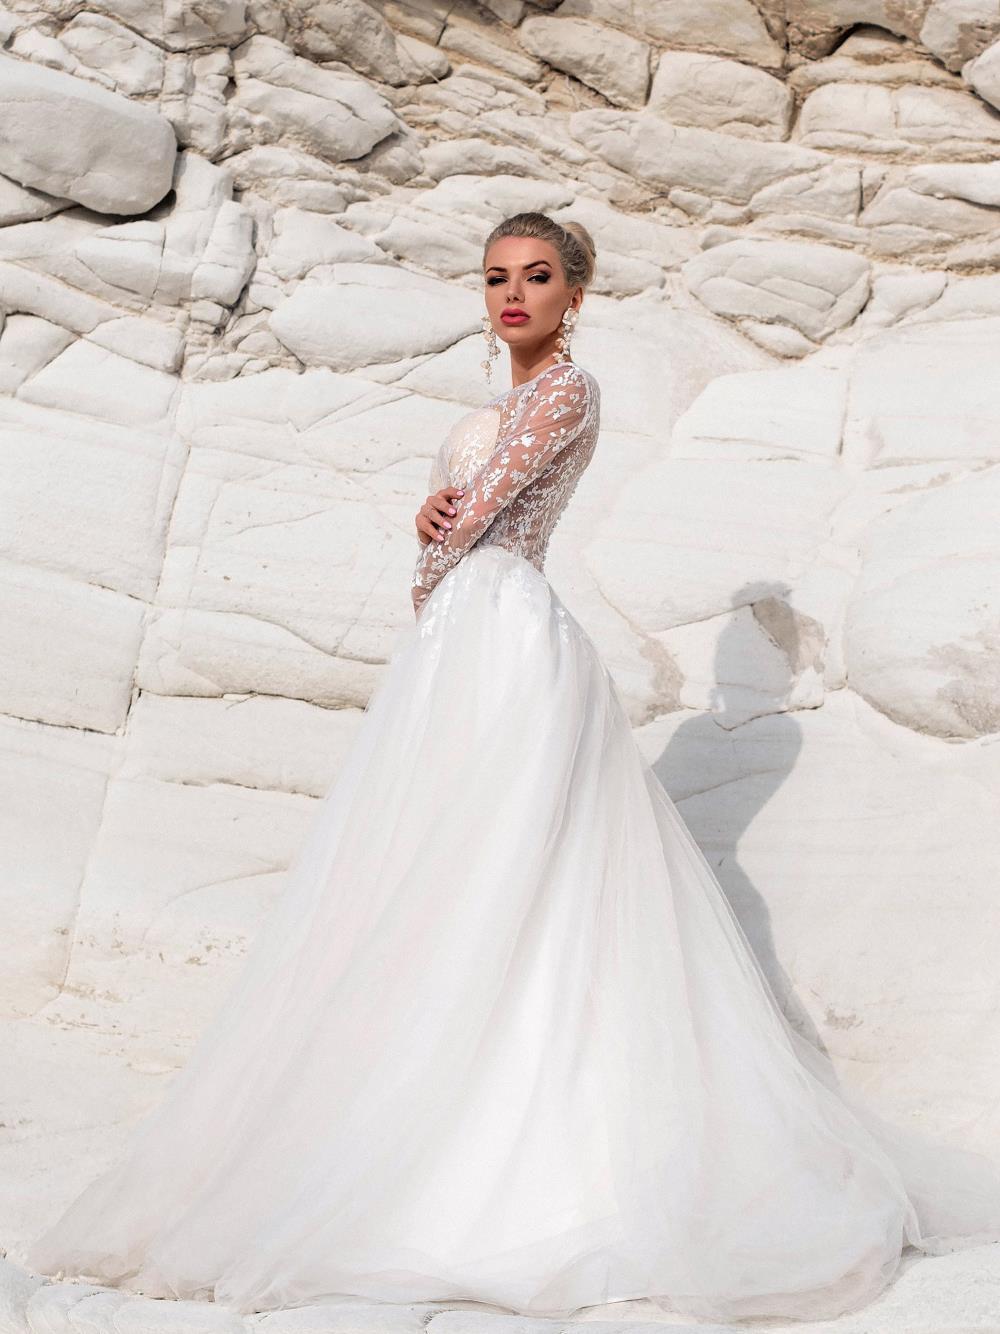 c75367e0503c093 Свадебное платье Shine — купить недорогое платье невесты в салоне в ...